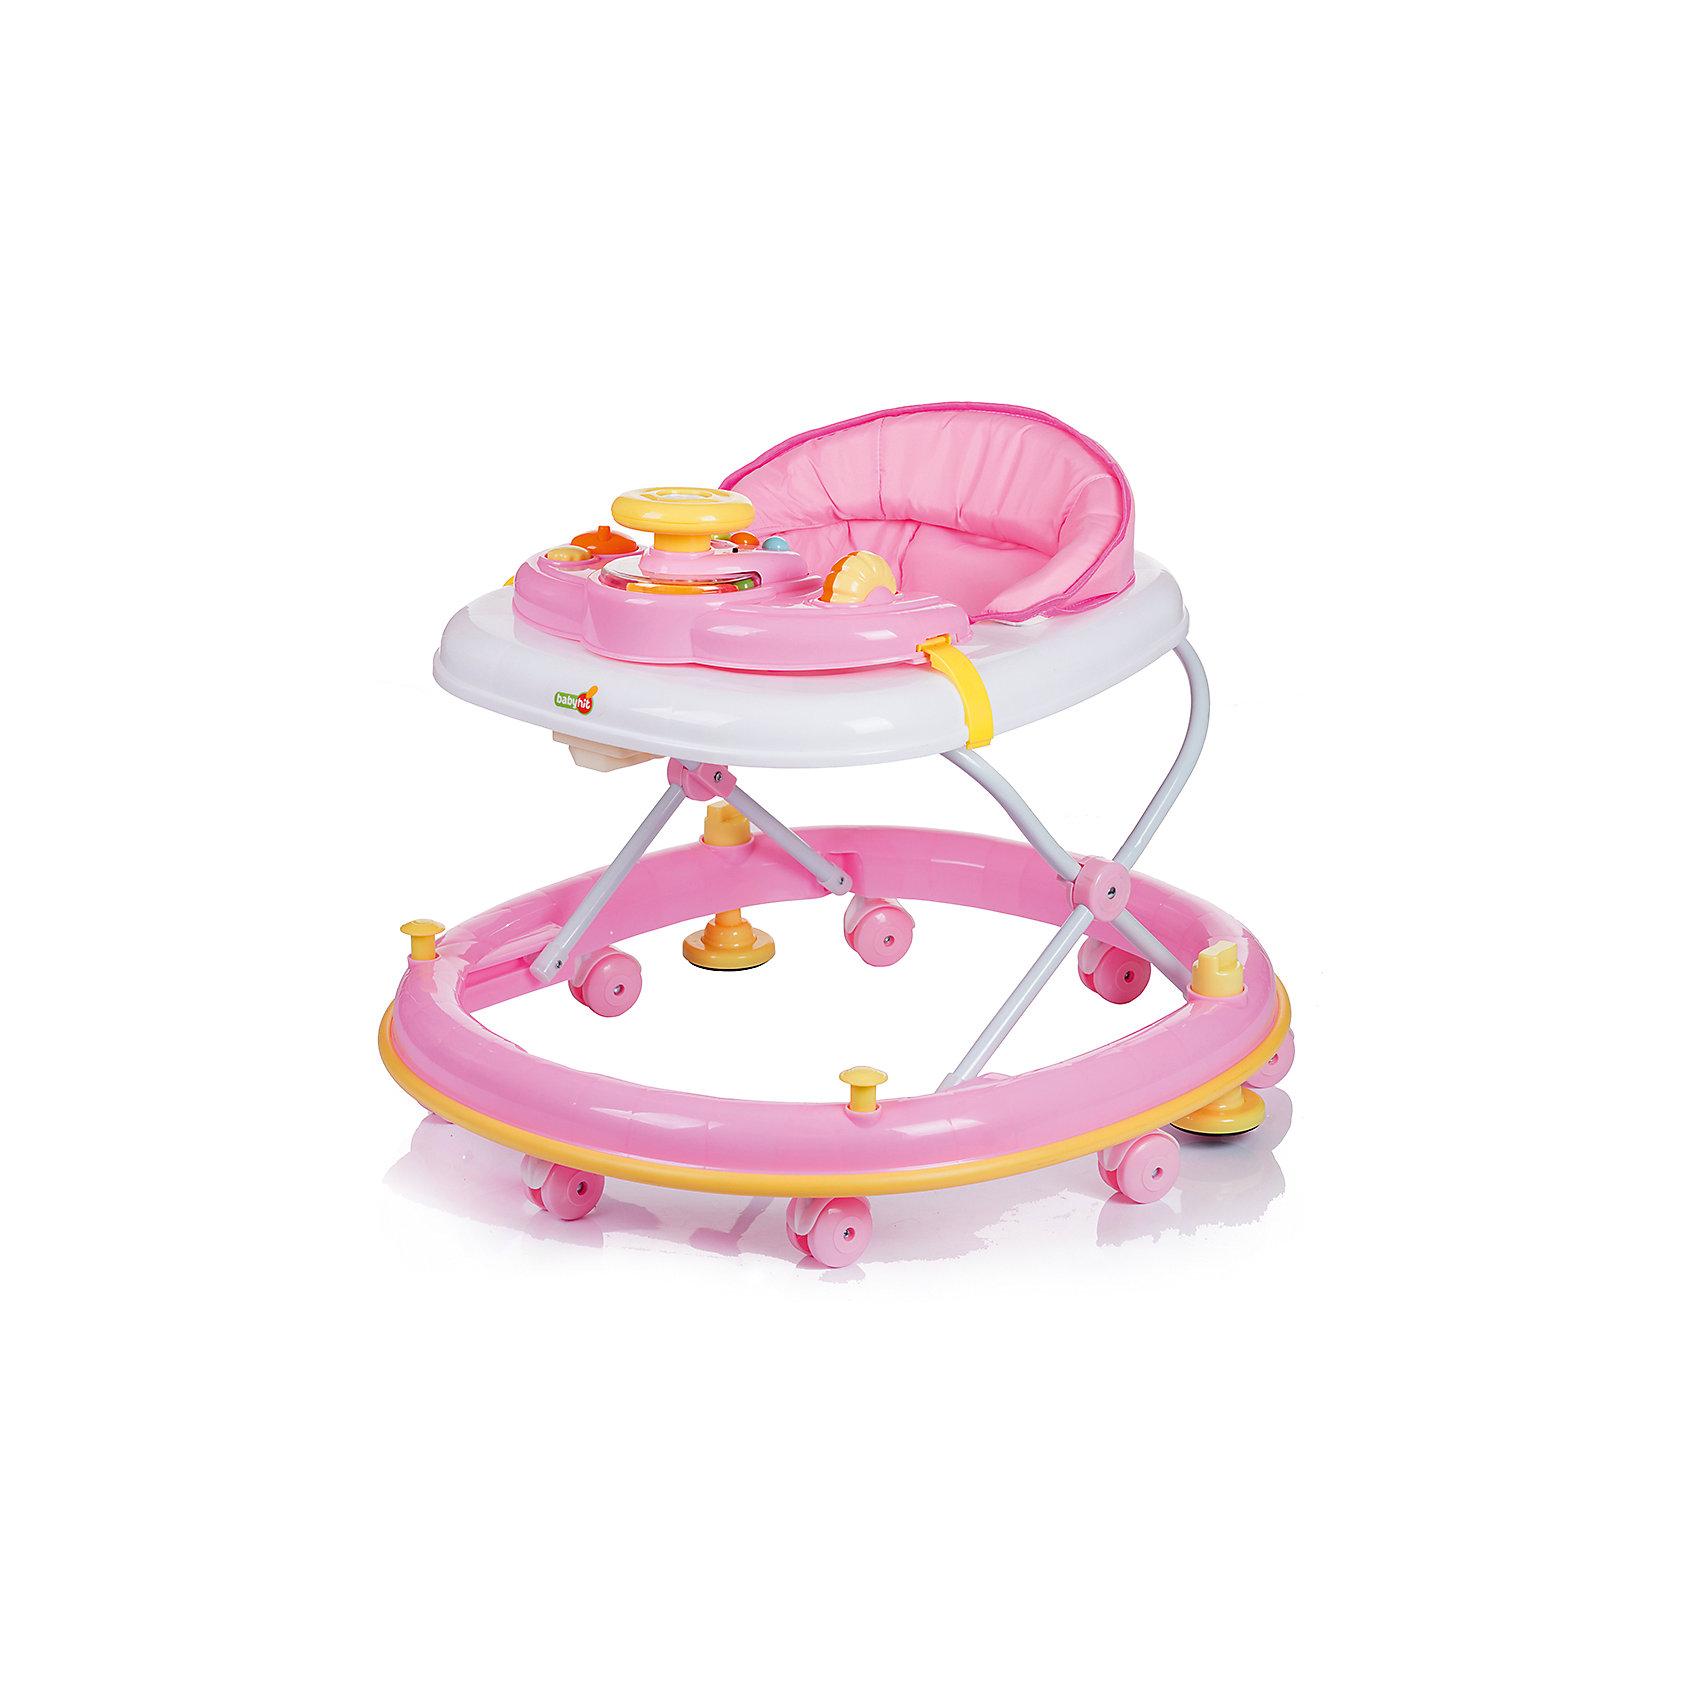 Ходунки CLEVER, Babyhit, розовыйХодунки<br>Характеристики:<br><br>• закругленная база с мягкой окантовкой;<br>• защита от появления царапин на мебели и стенах;<br>• регулируется высота ходунков, 3 положения;<br>• игровая панель с развивающими игрушками;<br>• световое и звуковое сопровождение;<br>• наличие сдвоенных колесиков со стопорами;<br>• съемный чехол сиденья для ухода и очистки;<br>• компактное складывание;<br>• размер упаковки: 71,5х11х66,5 см;<br>• вес: 4,8 кг.<br><br>Продуманная до мелочей конструкция ходунков предоставляет ребенку свободу перемещений в пространстве на этапе его роста и развития. Малыш находится в ходунках в сиденье-коконе, с высокой спинкой в мягкой обивке. Игровая панель для игры и развития ребенка имеет звуковой модуль и подвижные элементы. Основание ходунков имеет прорезиненную накладку по всему диаметру, которая предотвратит мелкие царапины на мебели во время путешествий ребенка в ходунках в помещении. <br><br>Ходунки CLEVER, Babyhit, цвет розовый можно купить в нашем интернет-магазине.<br><br>Ширина мм: 715<br>Глубина мм: 110<br>Высота мм: 665<br>Вес г: 4800<br>Возраст от месяцев: 6<br>Возраст до месяцев: 18<br>Пол: Женский<br>Возраст: Детский<br>SKU: 5500345